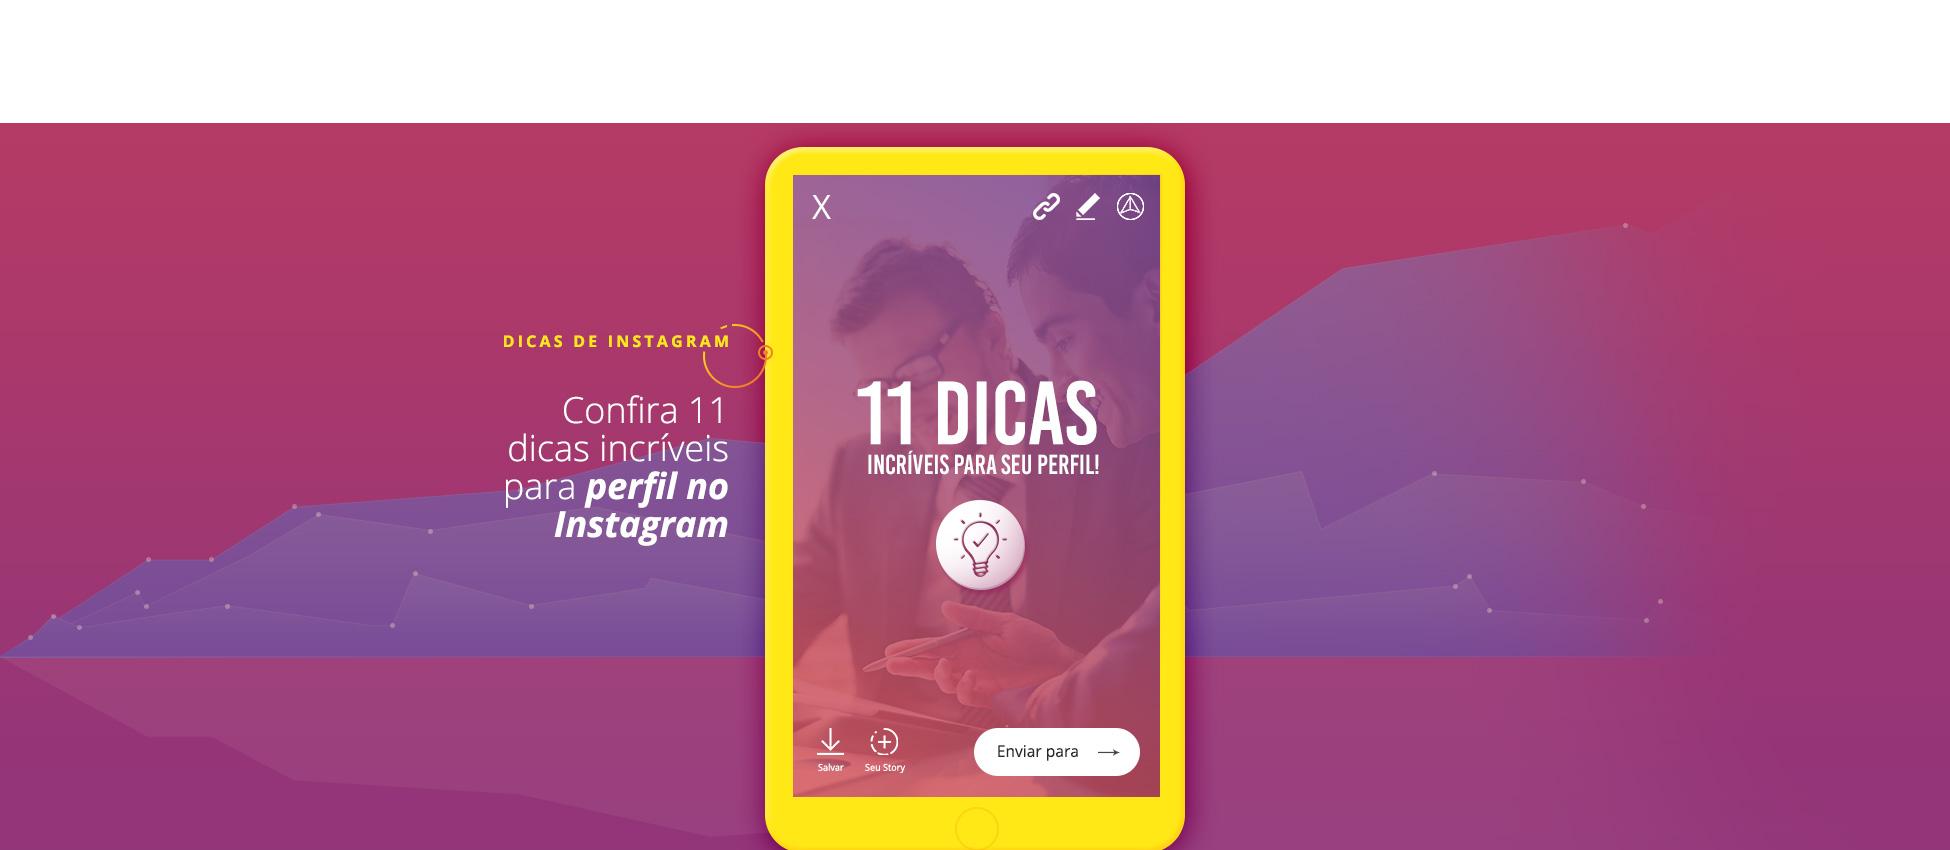 11 dicas para usar em perfil do Instagram